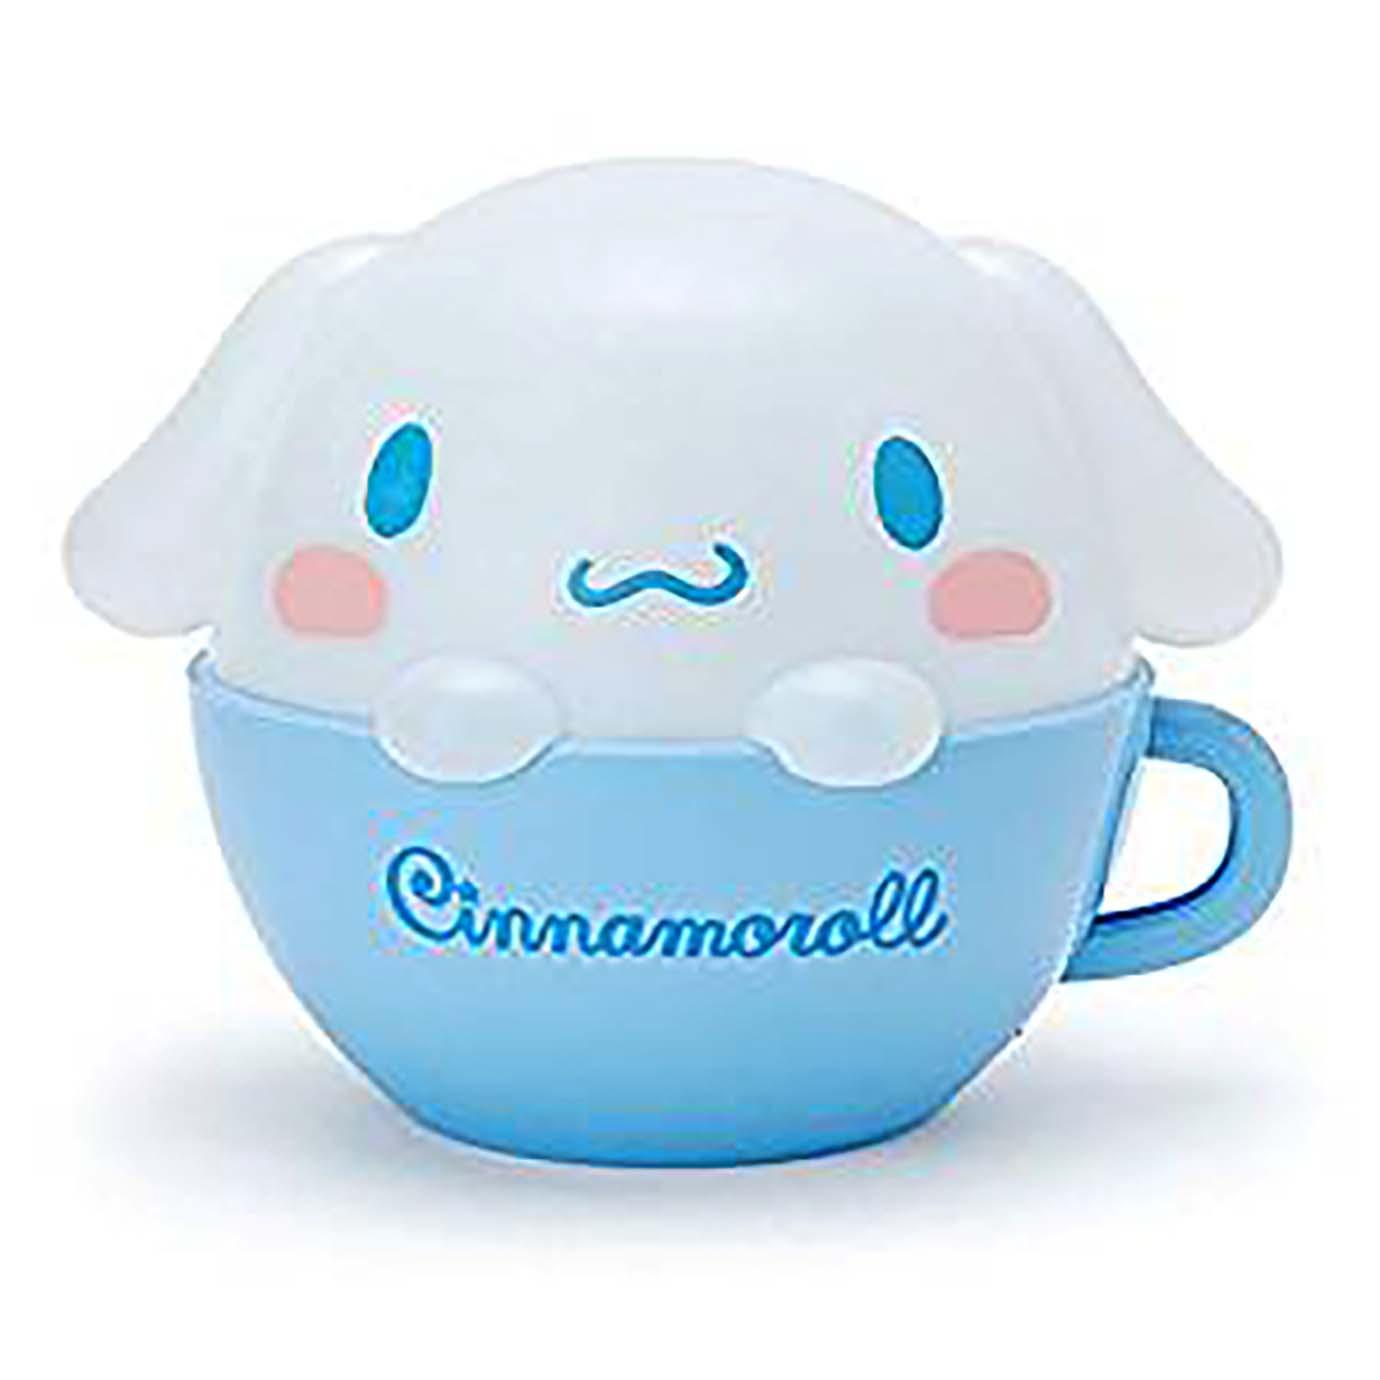 cinnamoroll-cinnamon-roll